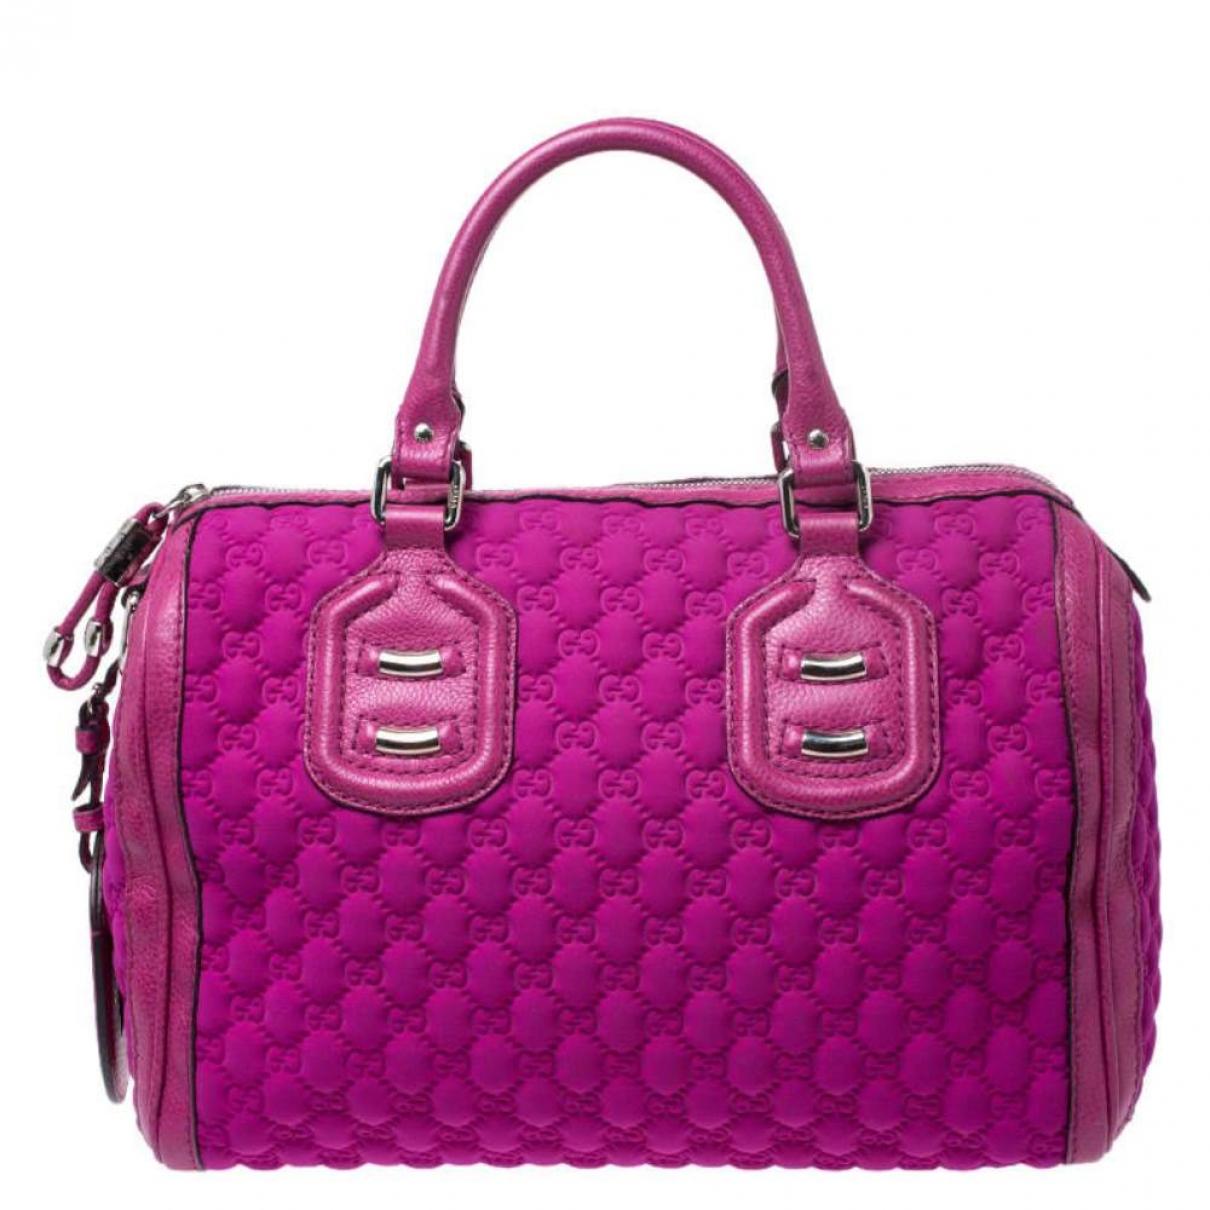 Gucci - Sac a main   pour femme en toile - rose